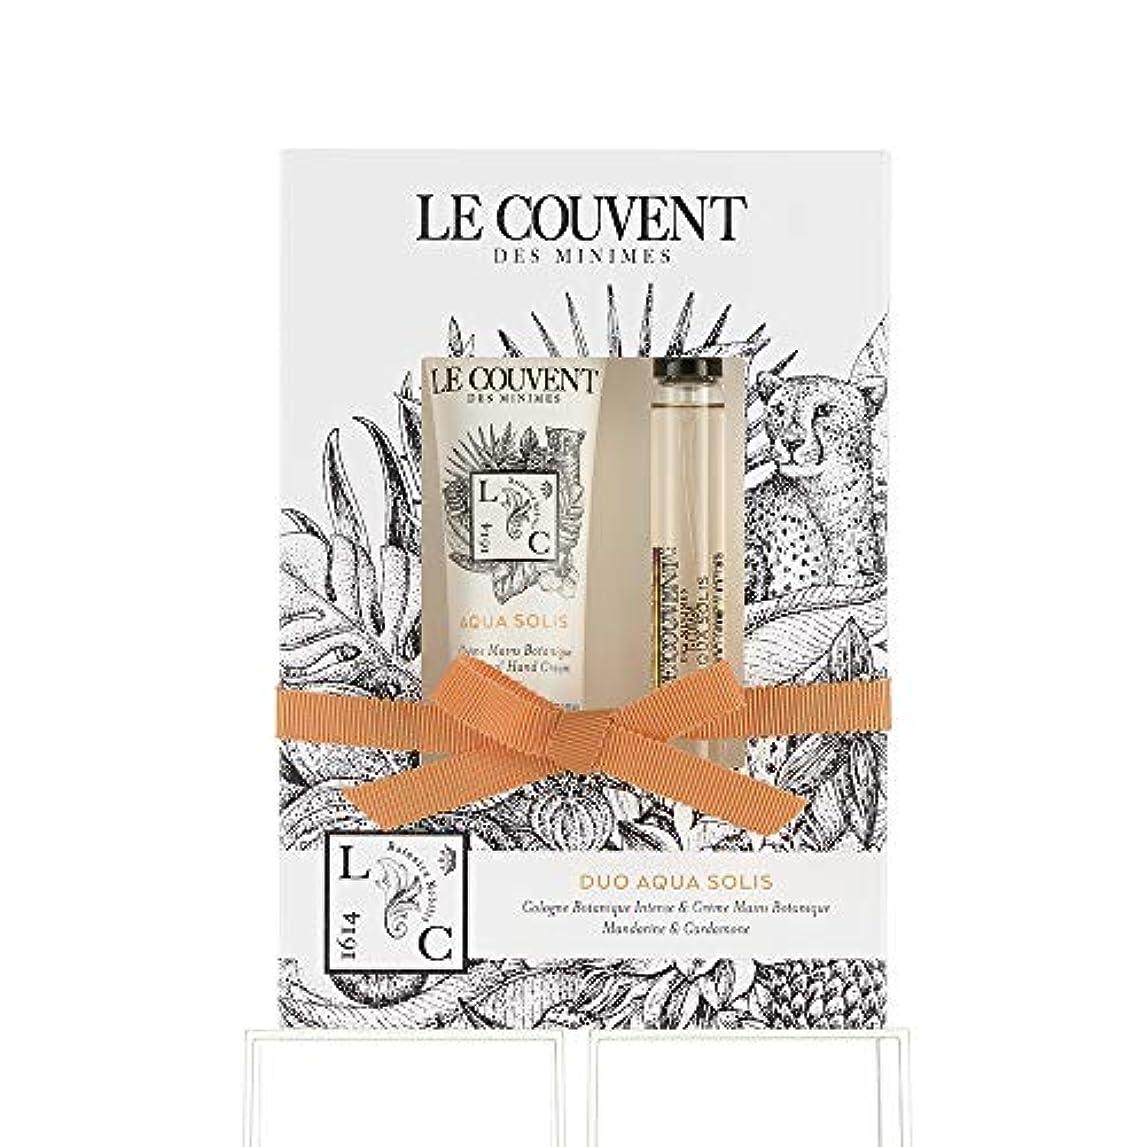 巨大天井さわやかクヴォン?デ?ミニム(Le Couvent des Minimes) ボタニカルデュオ ボタニカルコロン アクアソリス10mL×1、アクアソリス ハンドクリーム30g×1